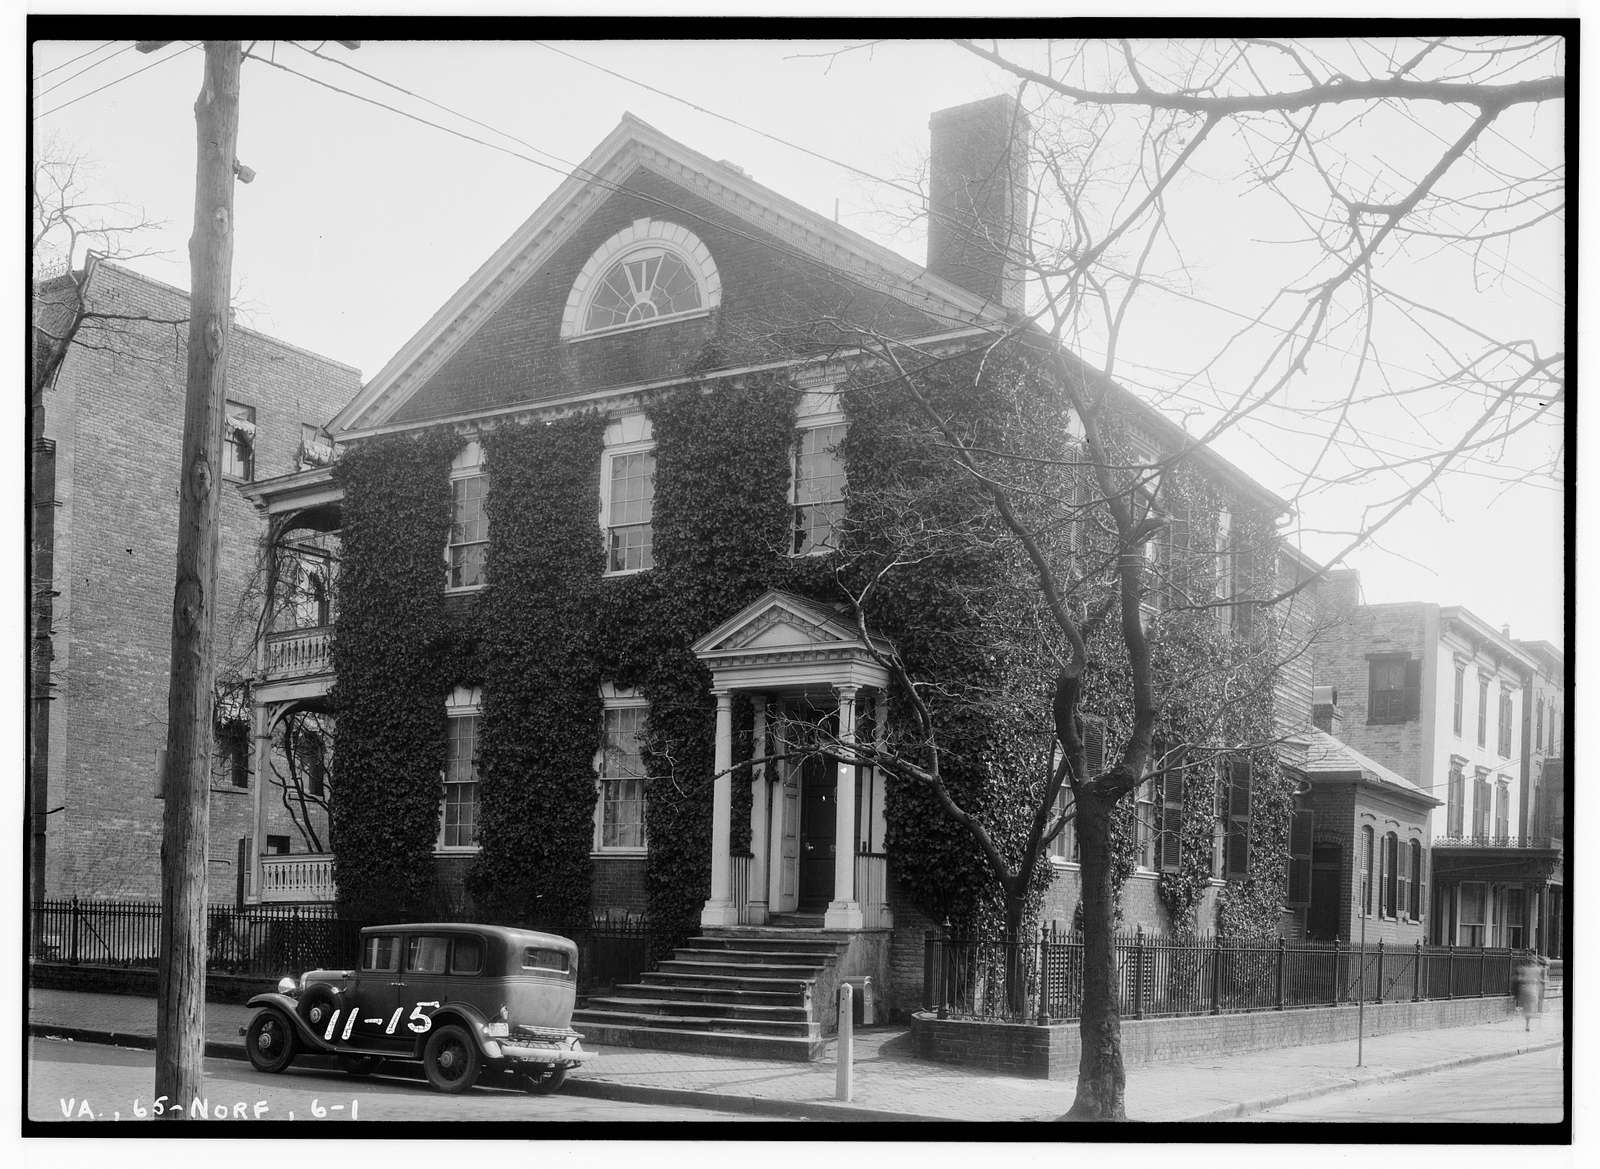 Whittle House, 225 West Freemason Street, Norfolk, Norfolk, VA